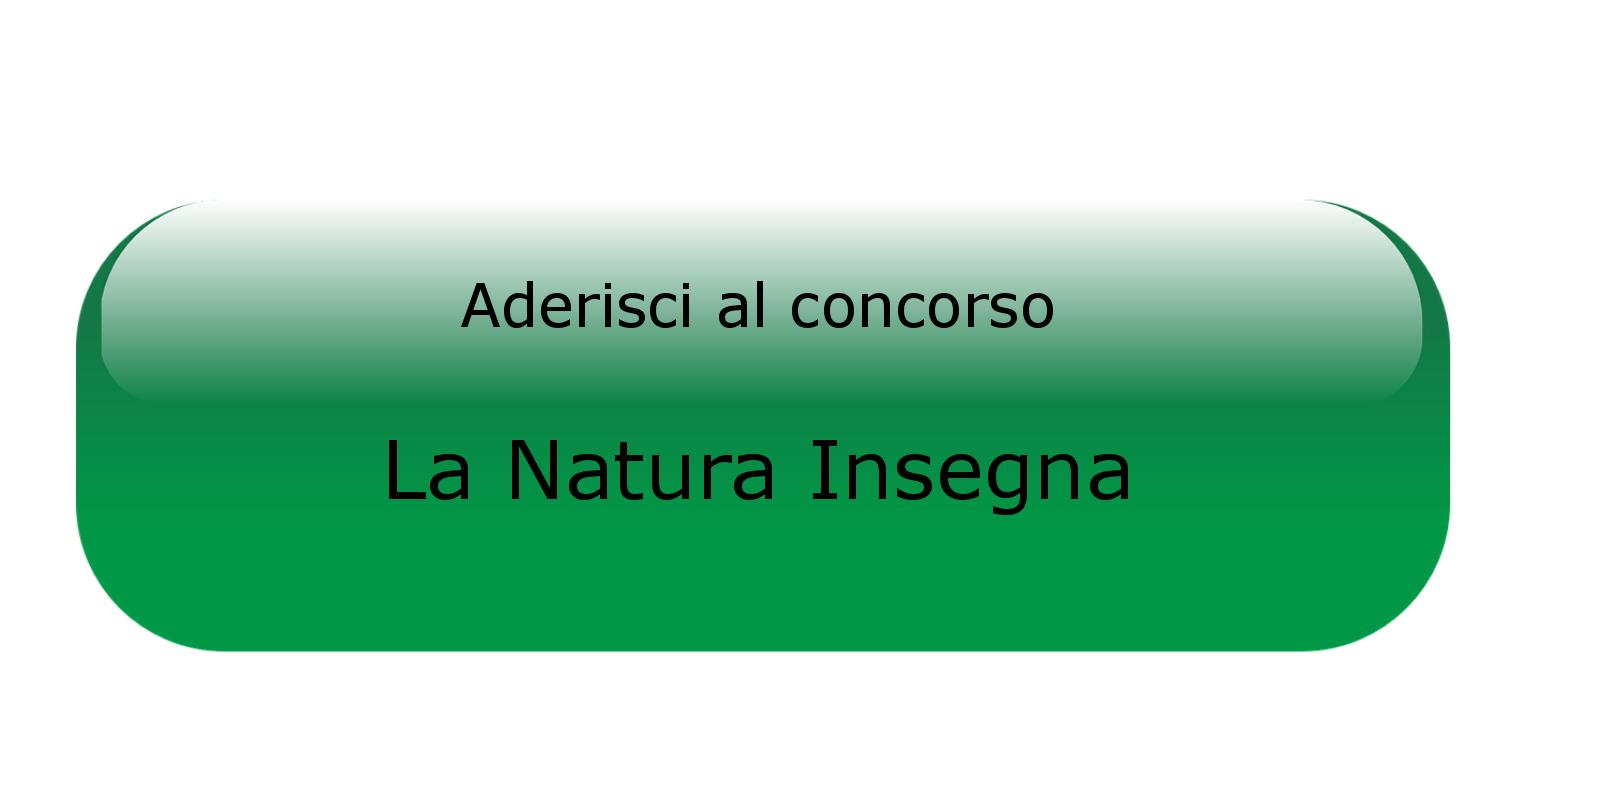 Adesione LNI